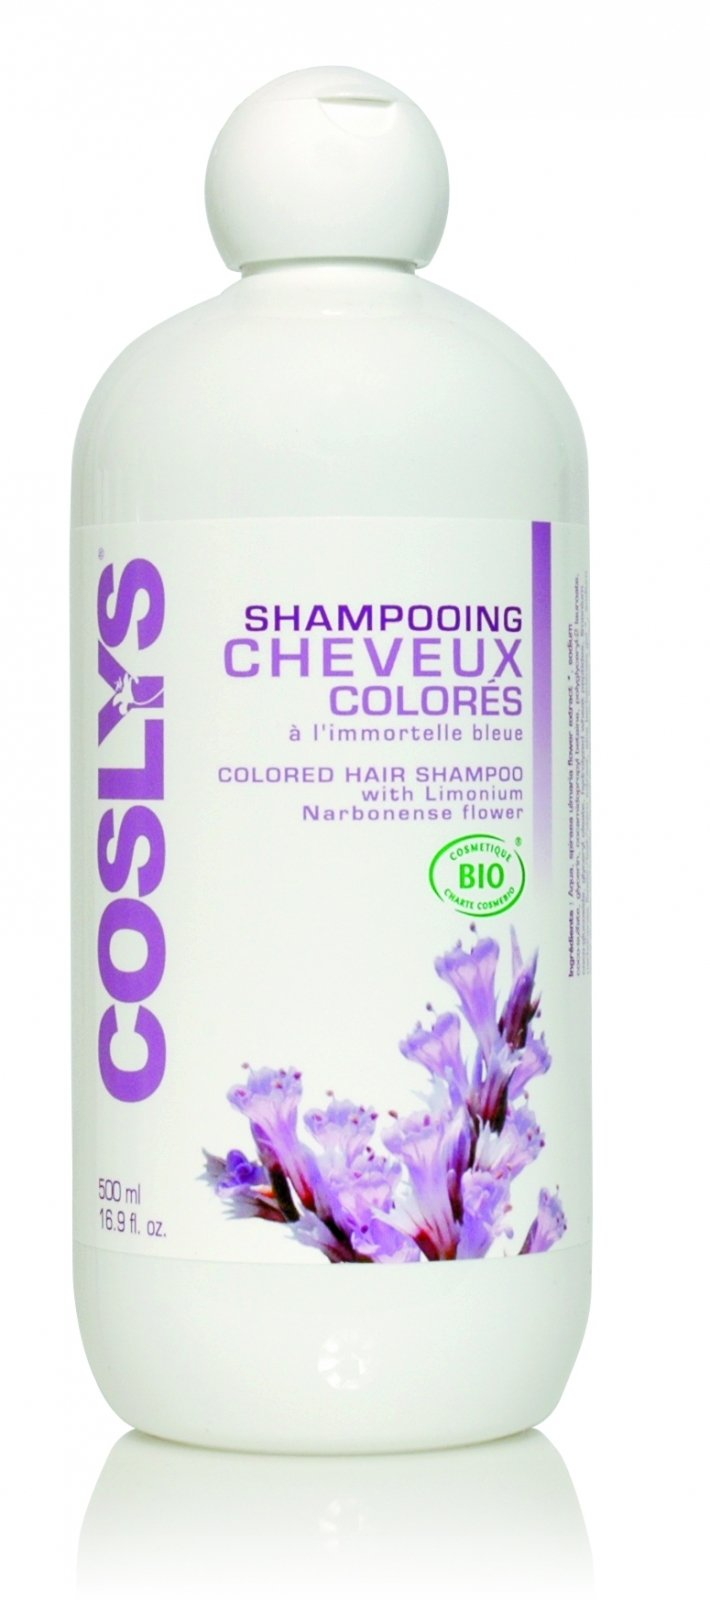 bien avant de passer la coloration vgtale javais dj banni les shampoings artificiels et trop chimiques de ma salle de bains - Quel Est Le Meilleur Shampoing Pour Cheveux Colors